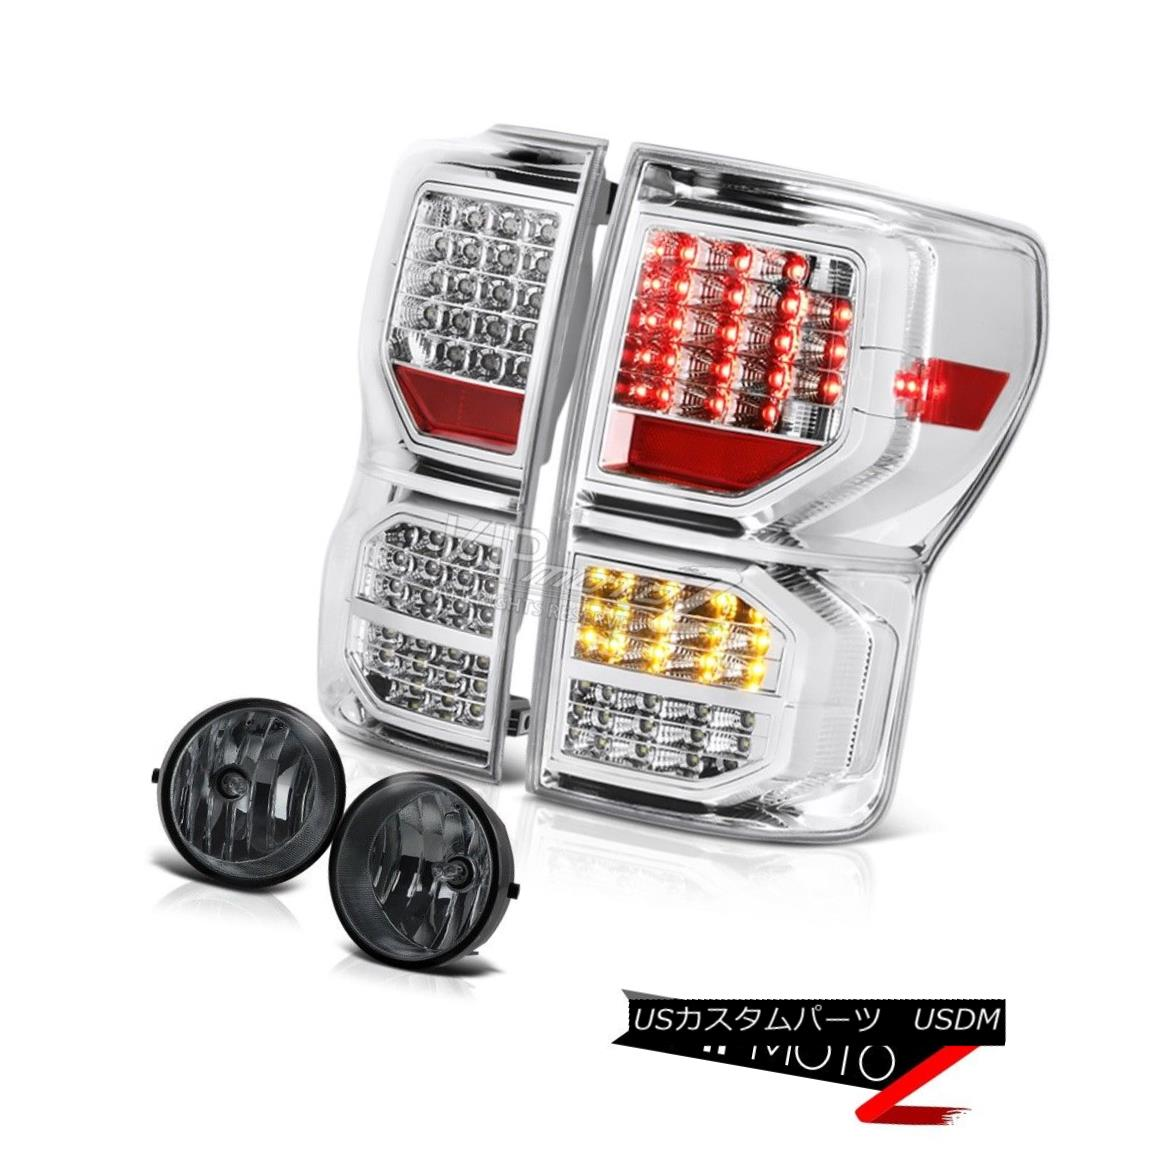 テールライト 2007-2013 Toyota Tundra SR5 Chrome Taillamps Dark Smoke Foglamps